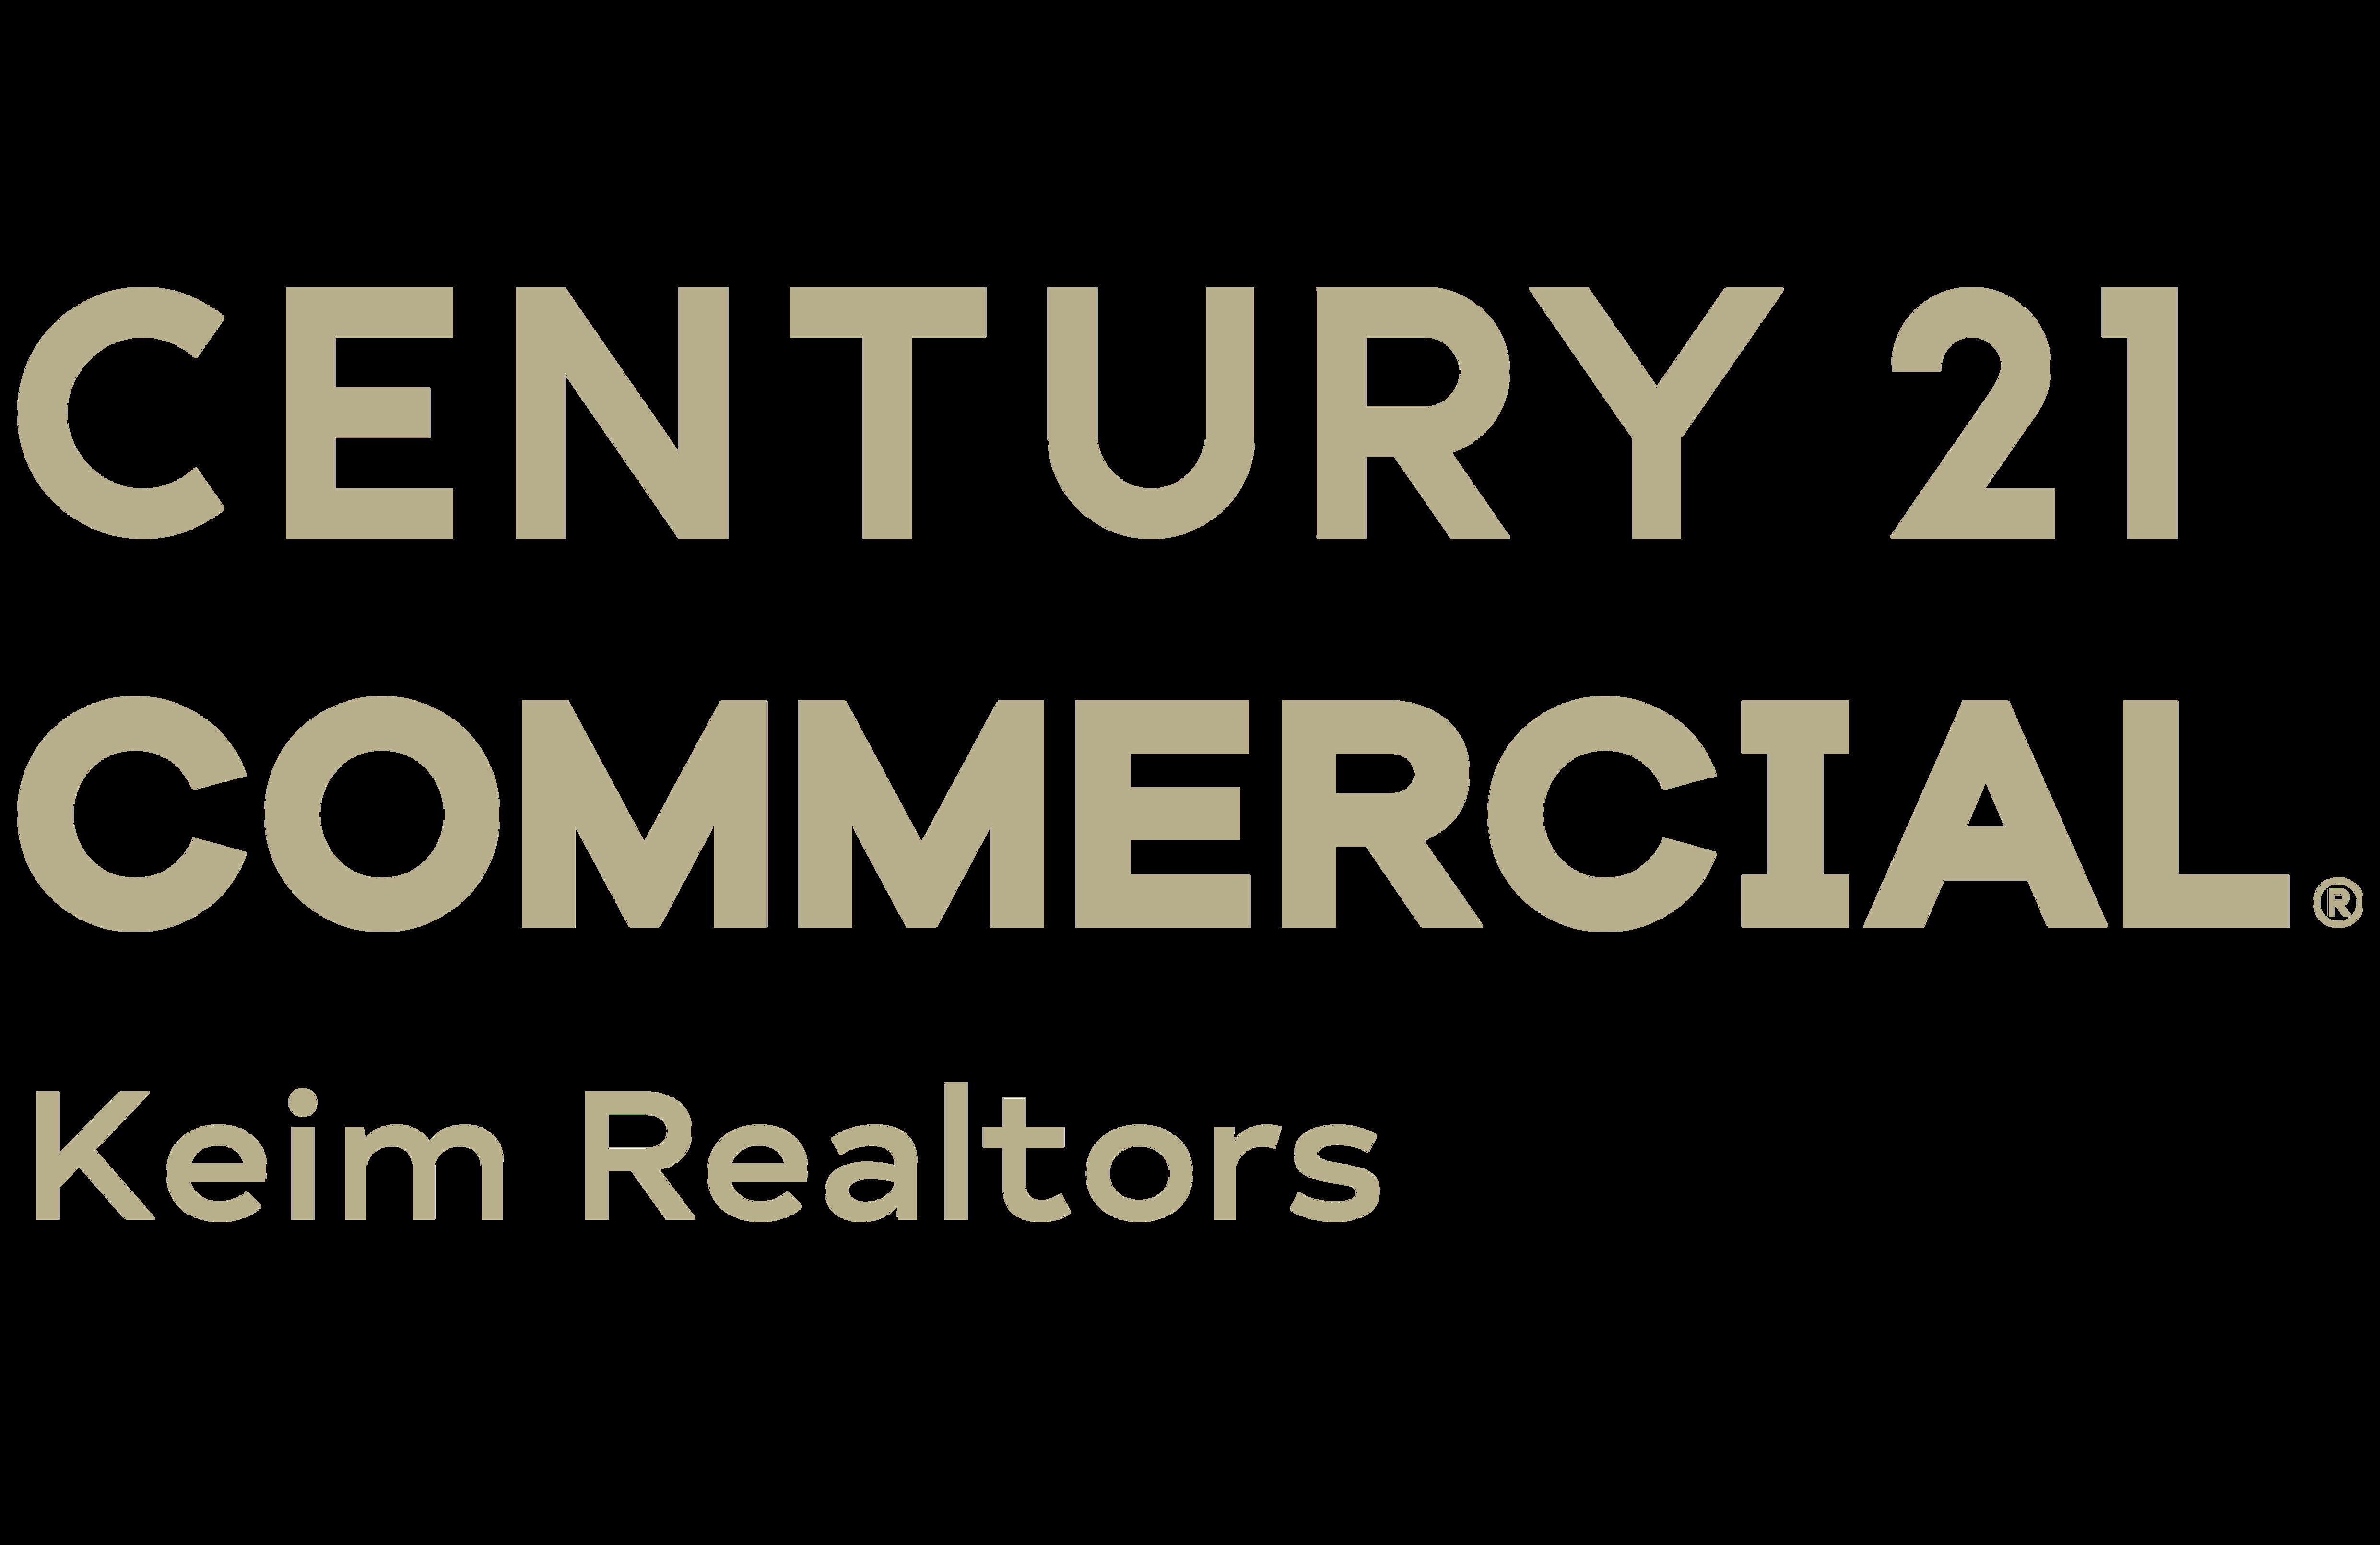 Cheryl Penuel of CENTURY 21 Keim Realtors logo